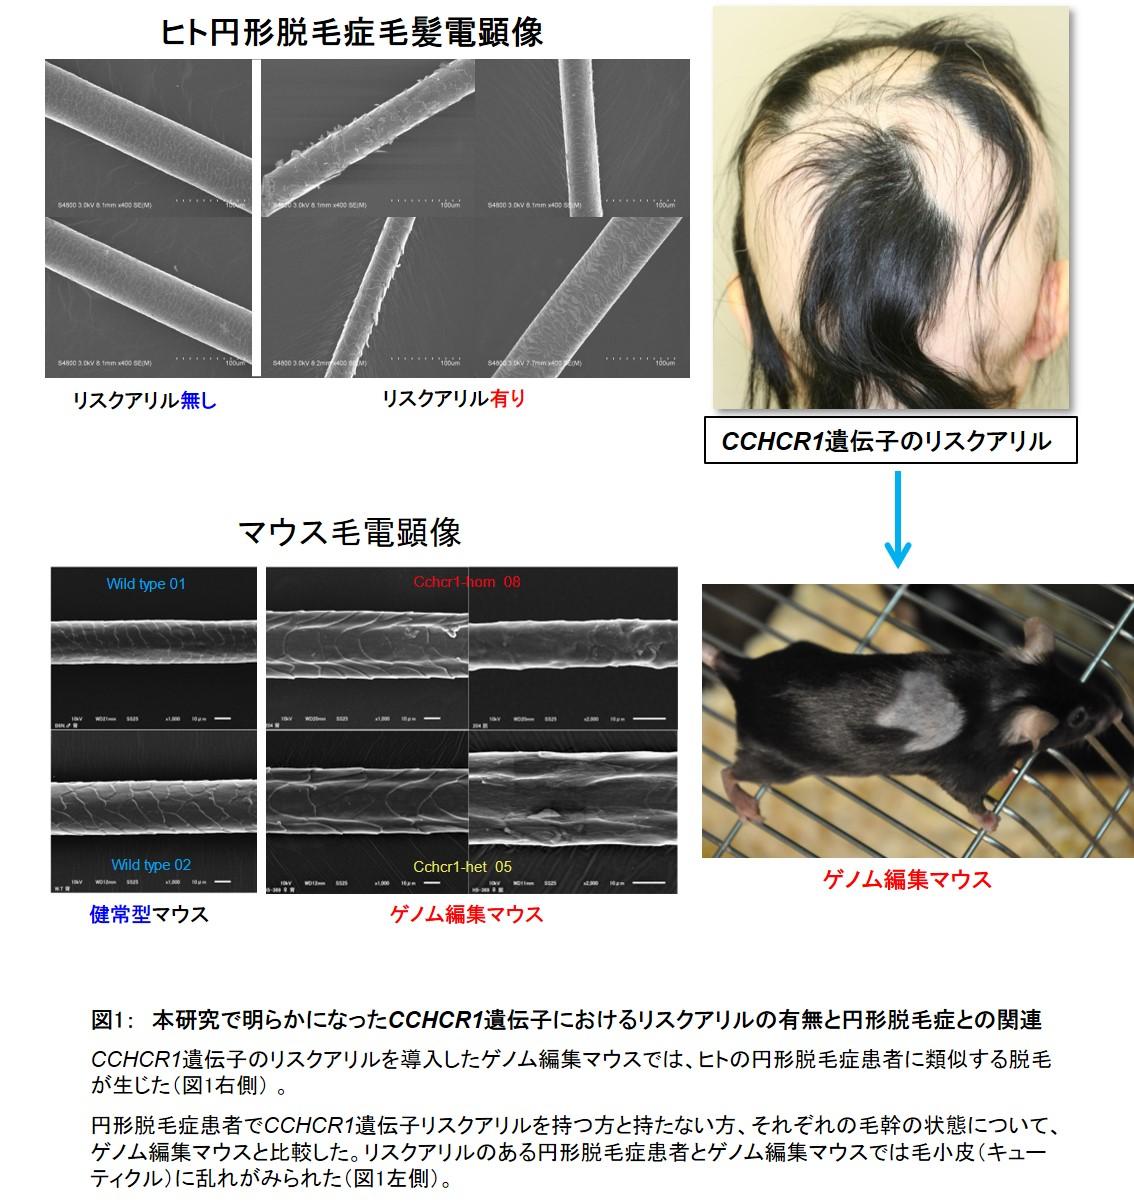 世界初、円形脱毛症の原因遺伝子を同定